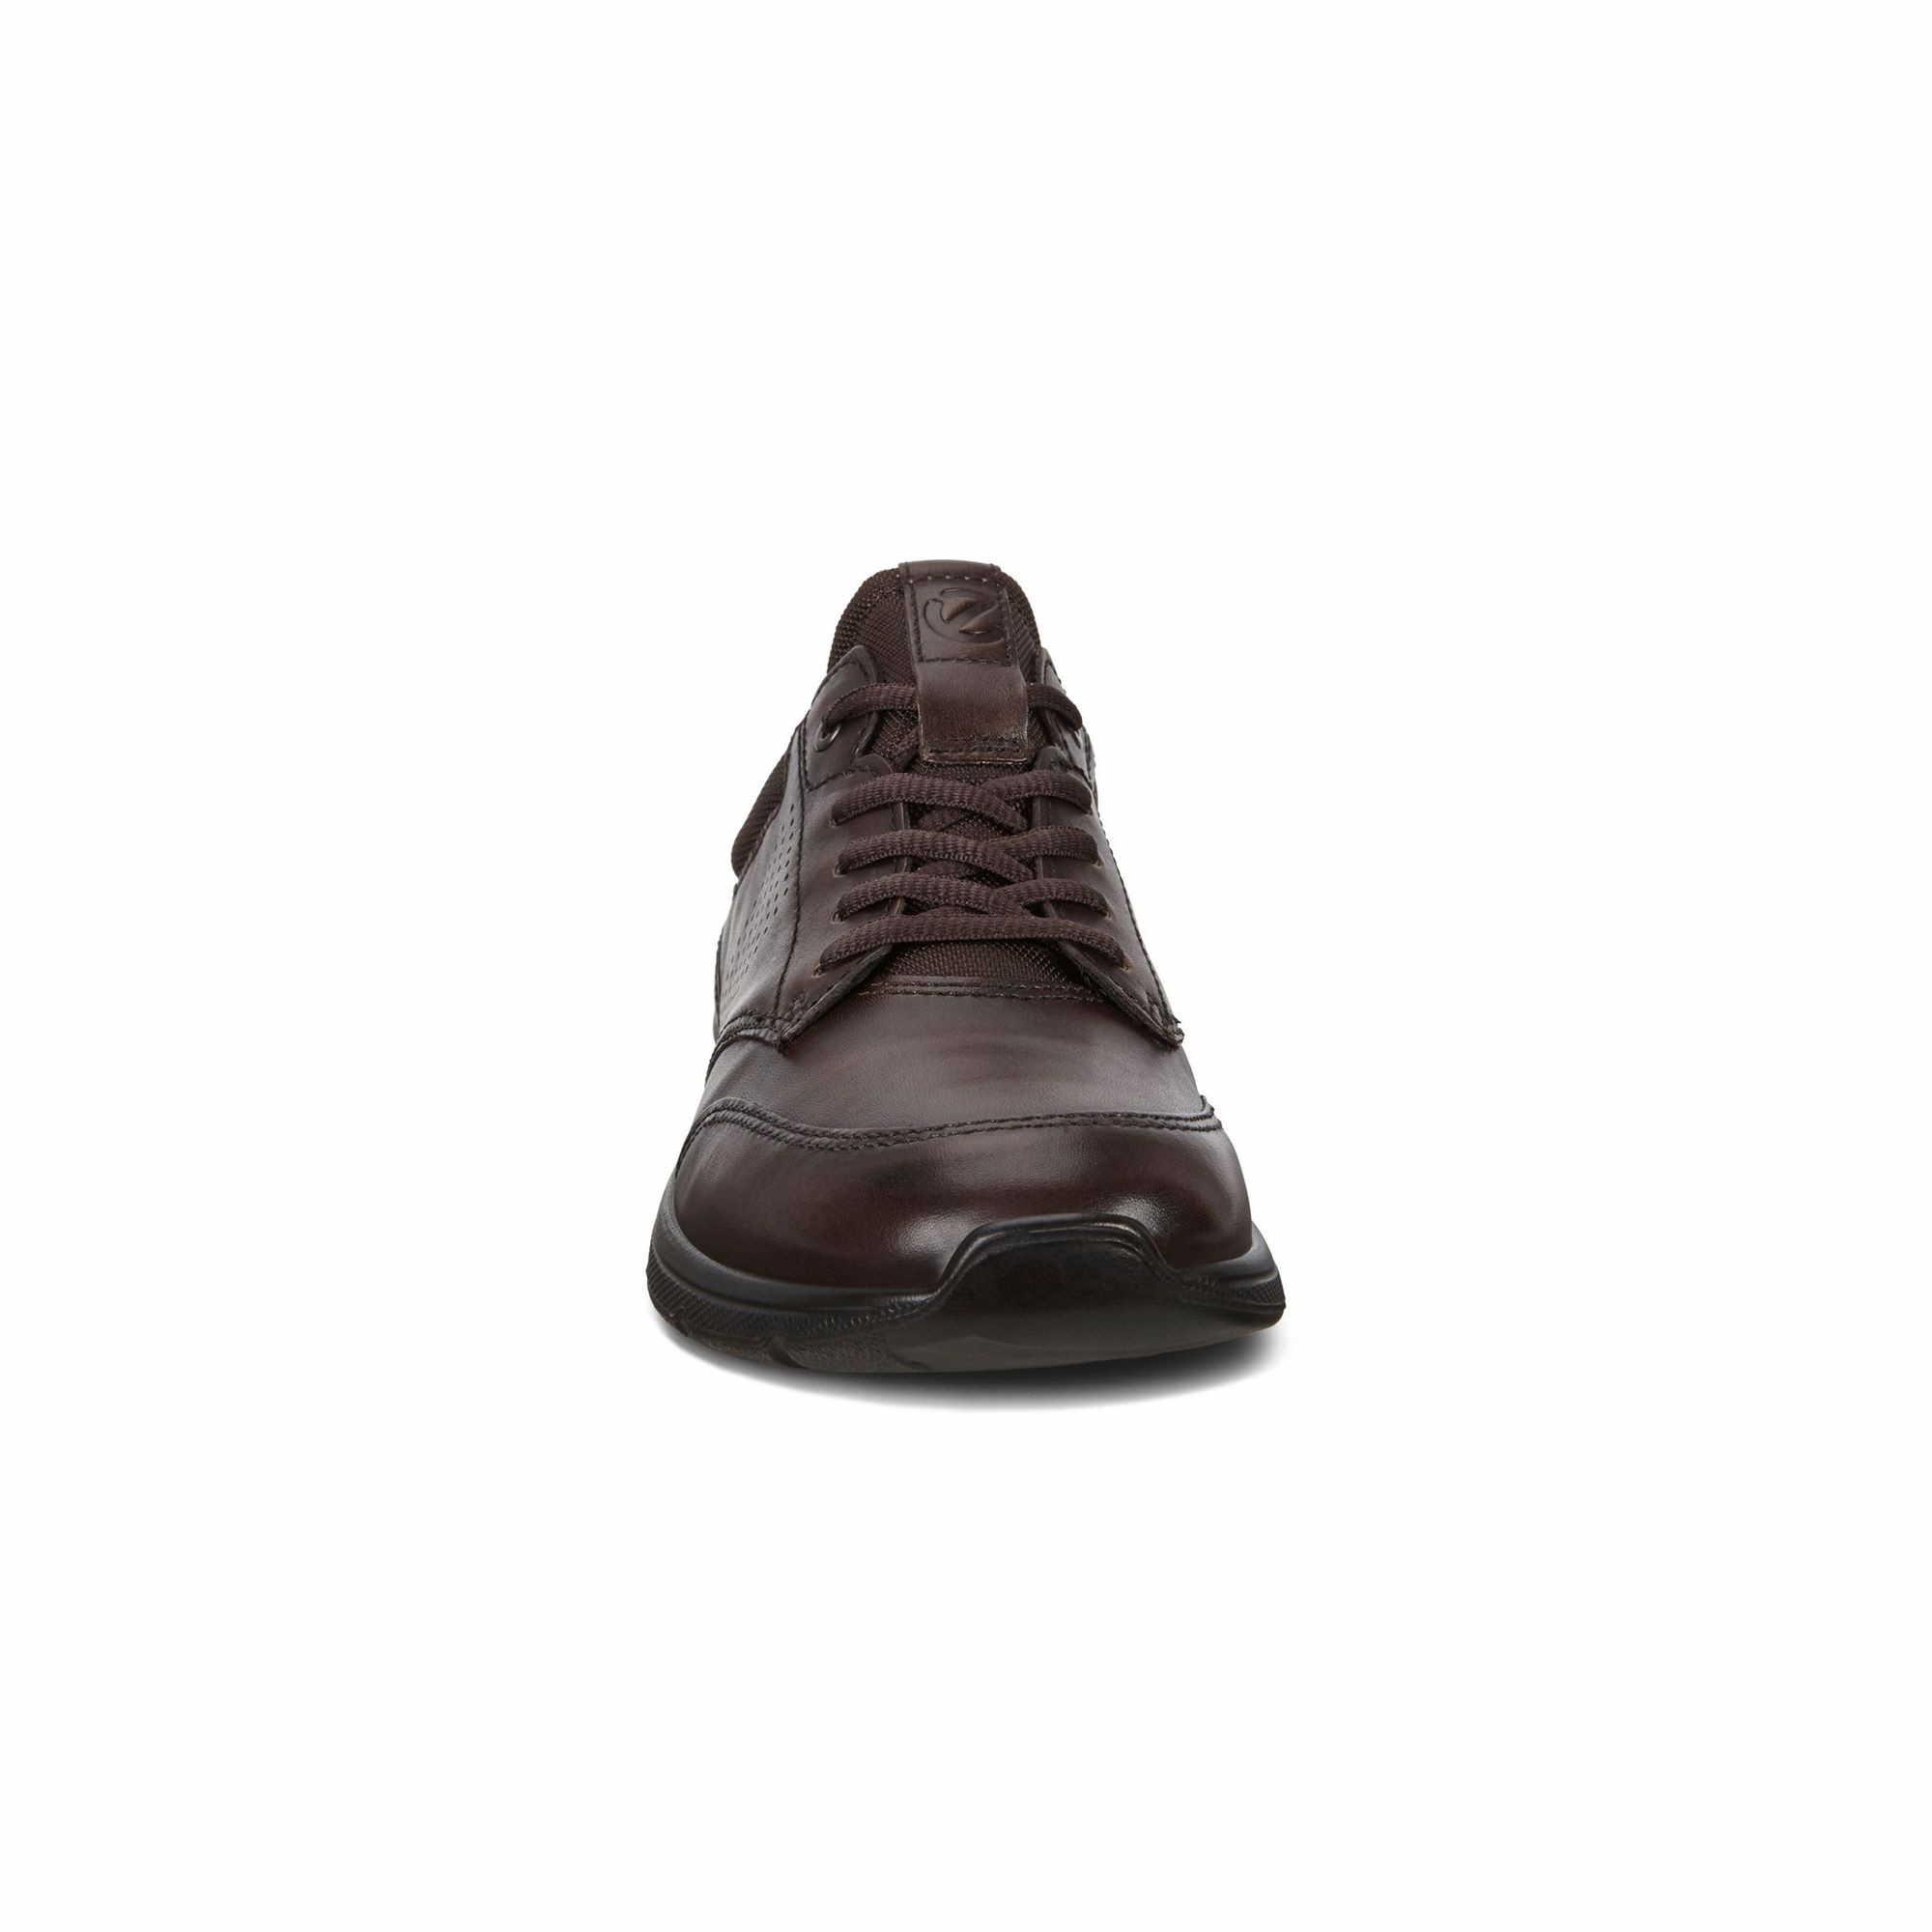 Ecco Sneaker Herrenschuhe 511734-55738 Braun | Herrenschuhe jMupt